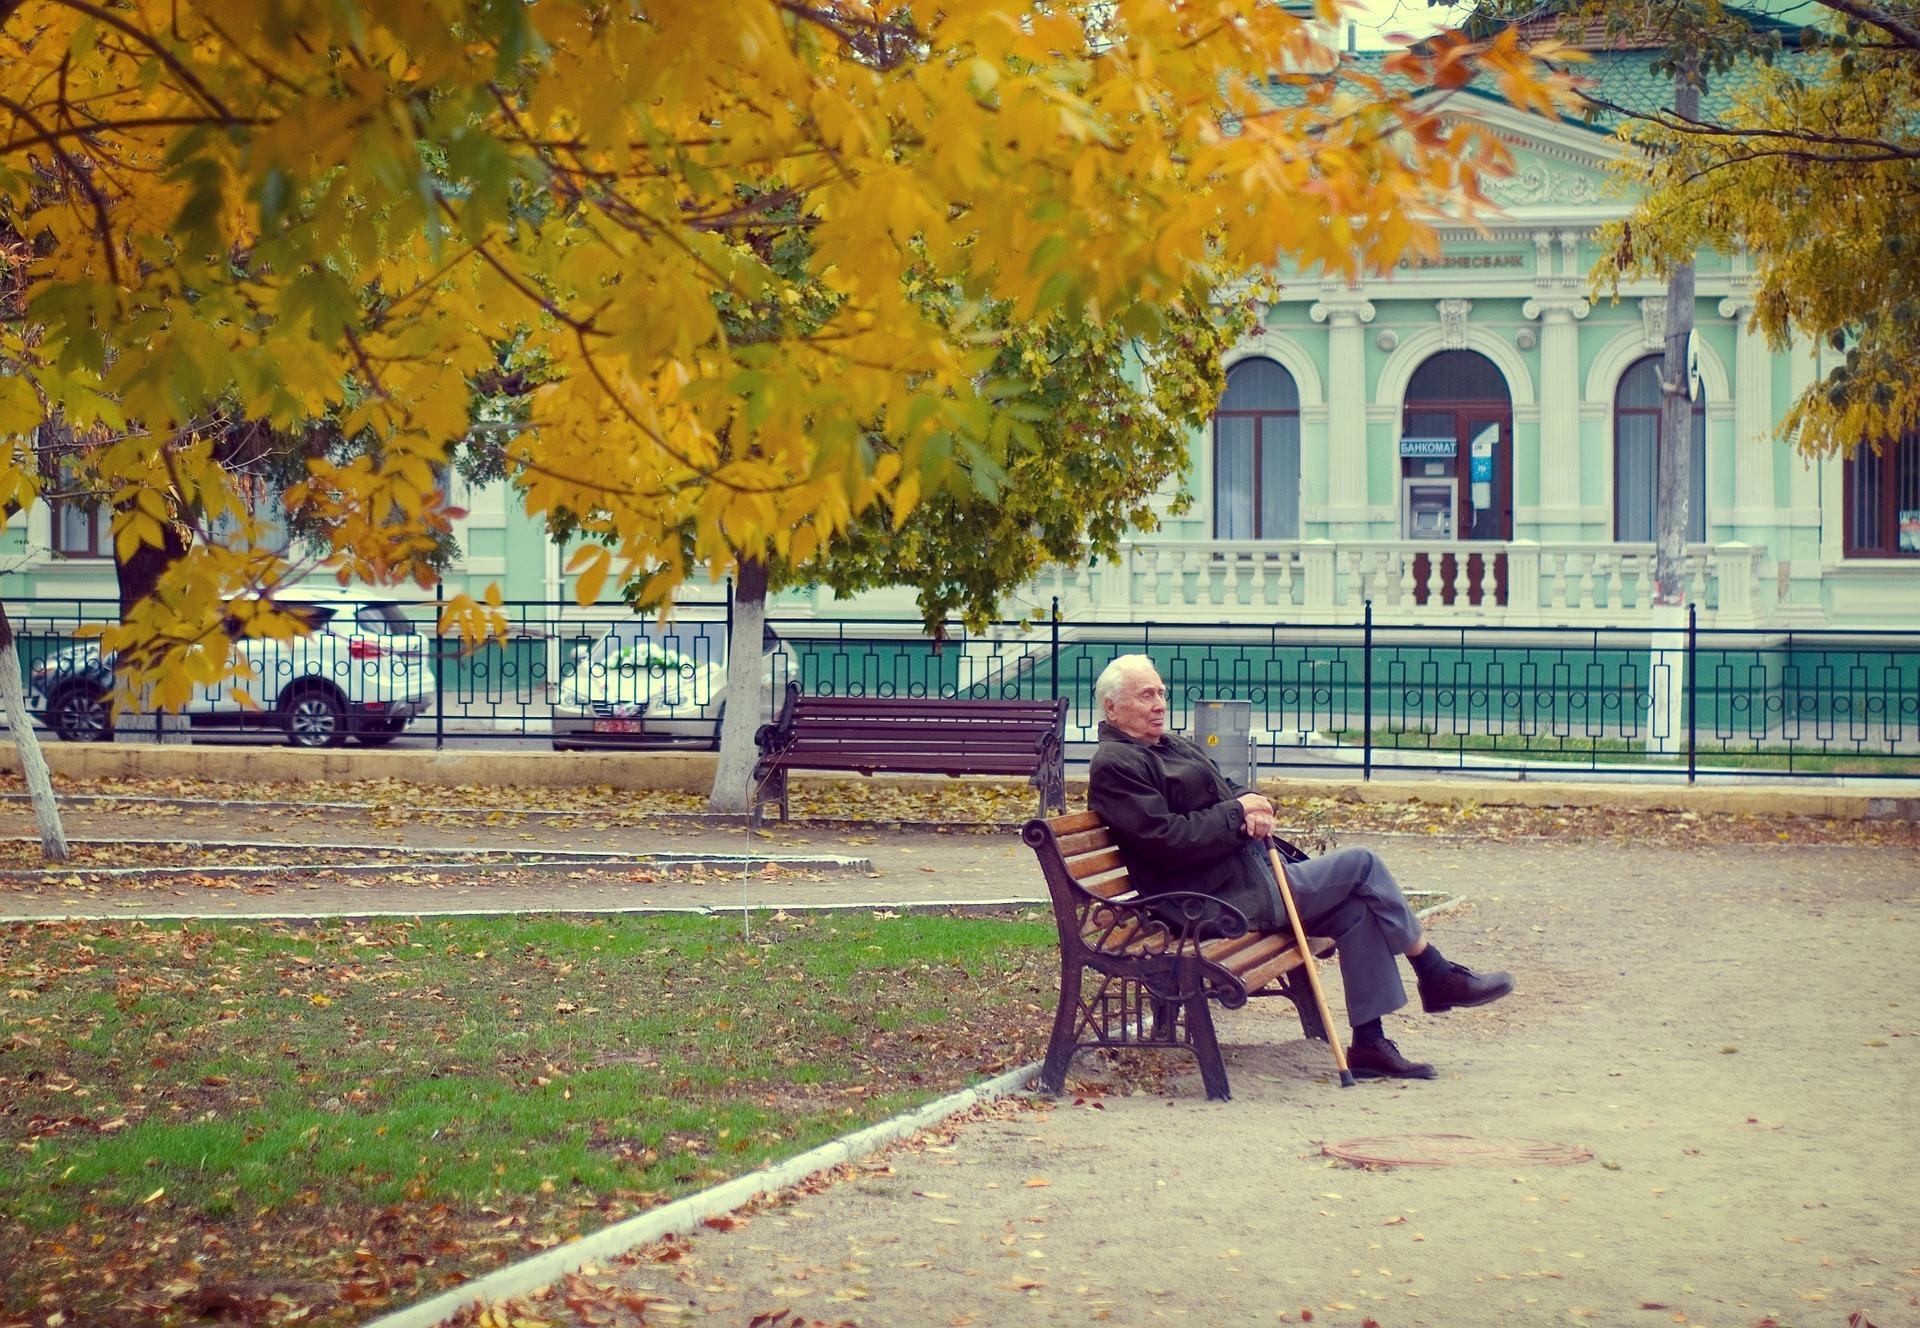 Богатый жизненный опыт подчёркивает индивидуальность пожилых людей.